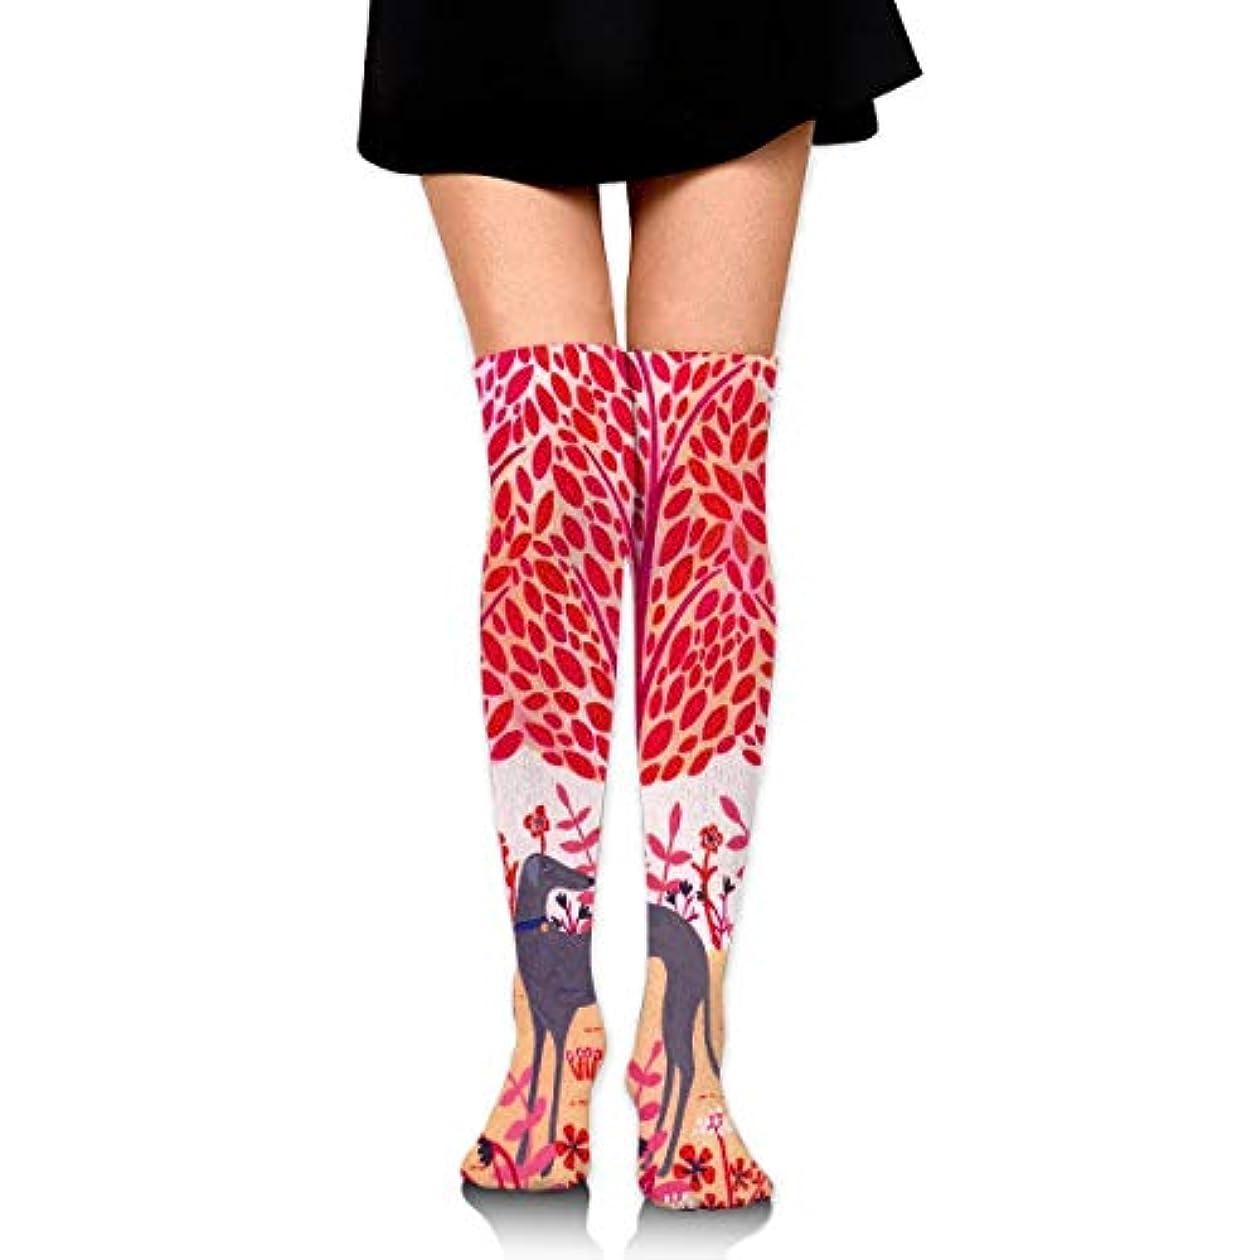 サージ論争赤MKLOS 通気性 圧縮ソックス Breathable Extra Long Cotton Mid Thigh High Autumn Greyhound Exotic Psychedelic Print Compression...